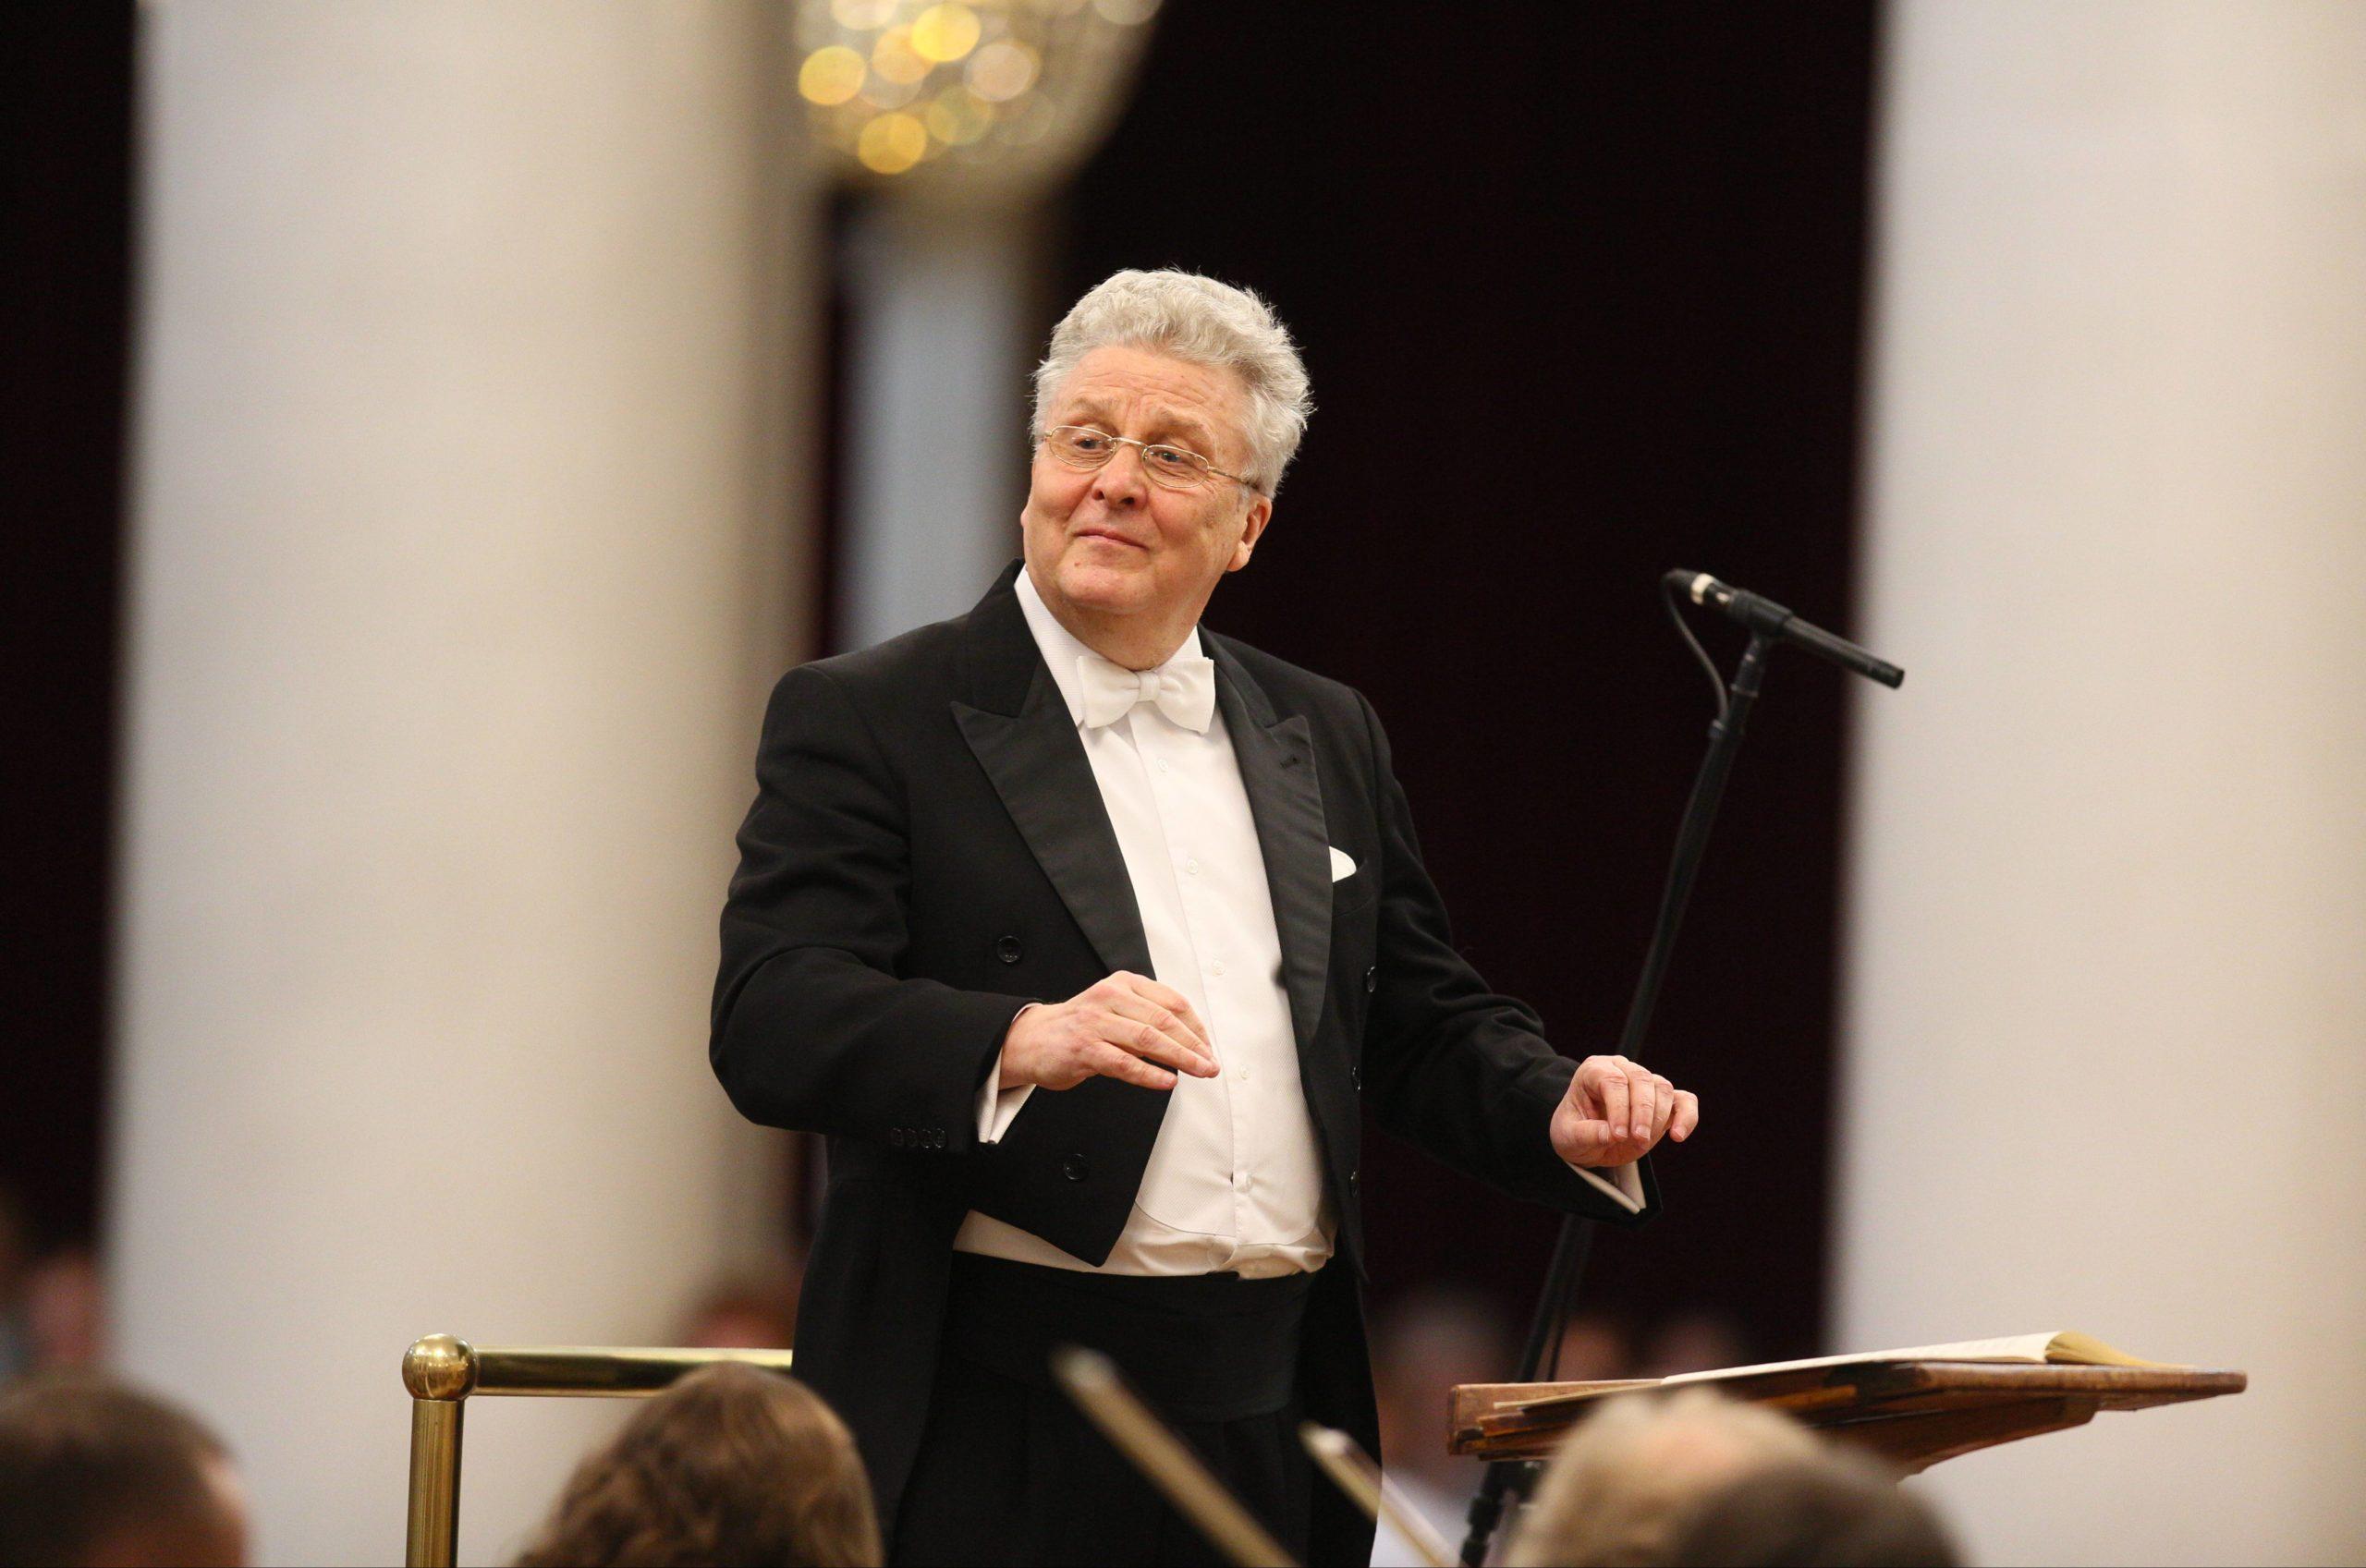 31 января состоится концерт Академического симфонического оркестра филармонии_600facf7d68cb.jpeg